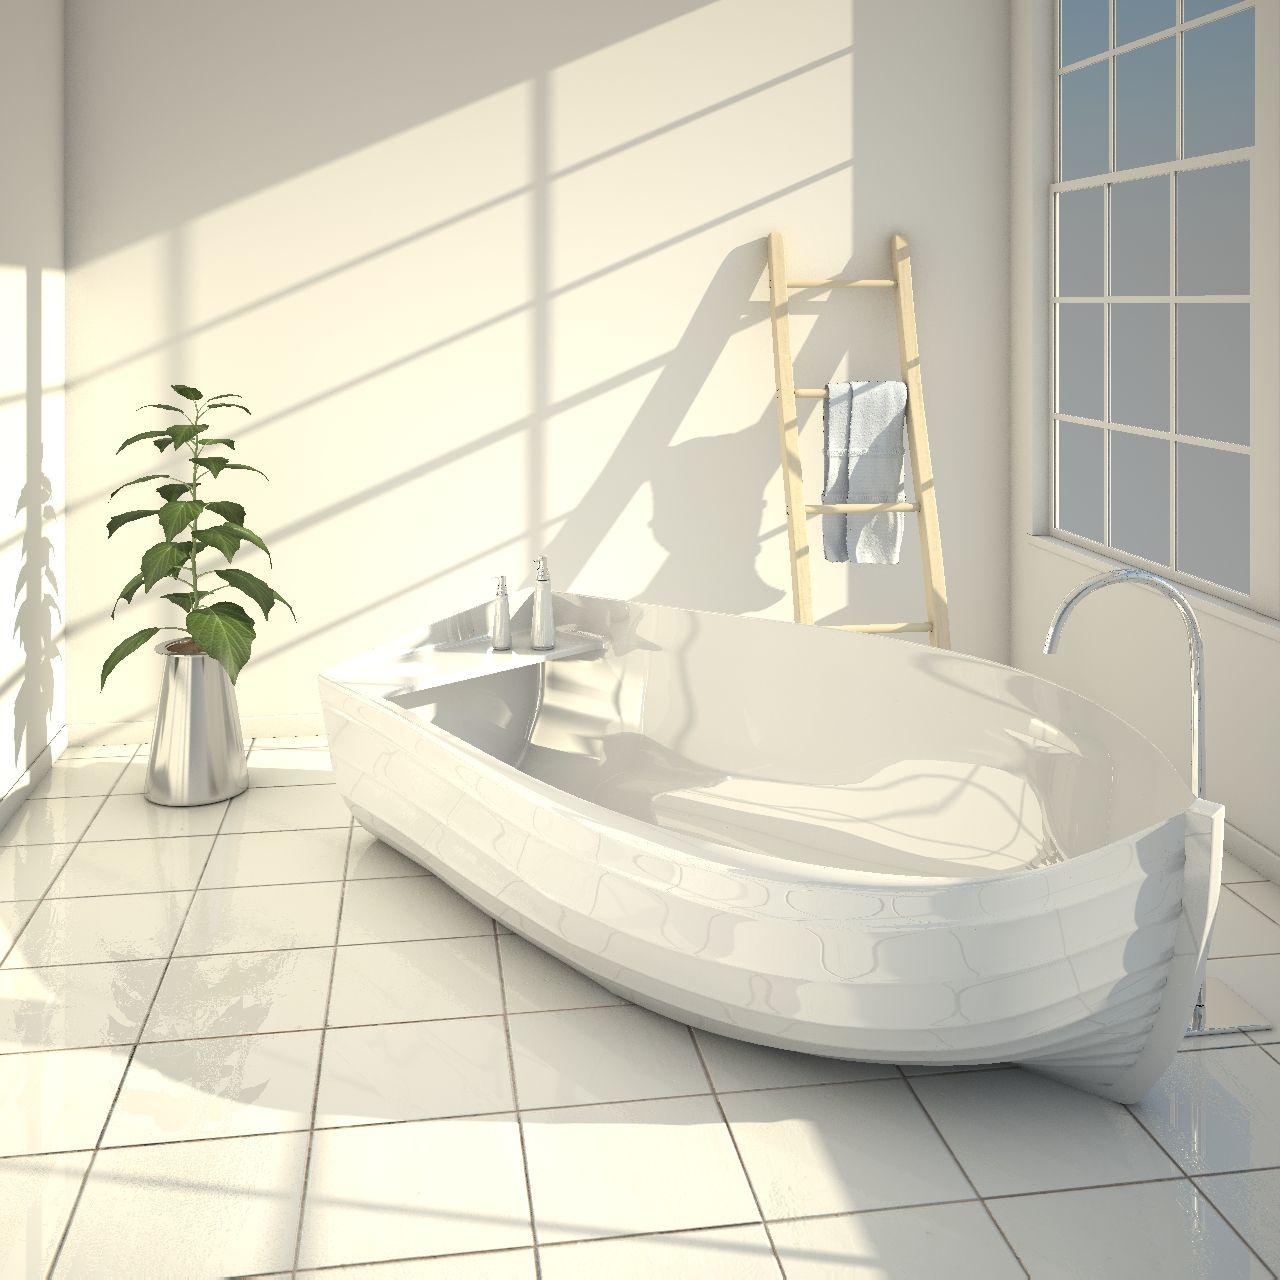 Vasca da bagno di design a forma di barca ocean made in - Vasca da bagno nera ...